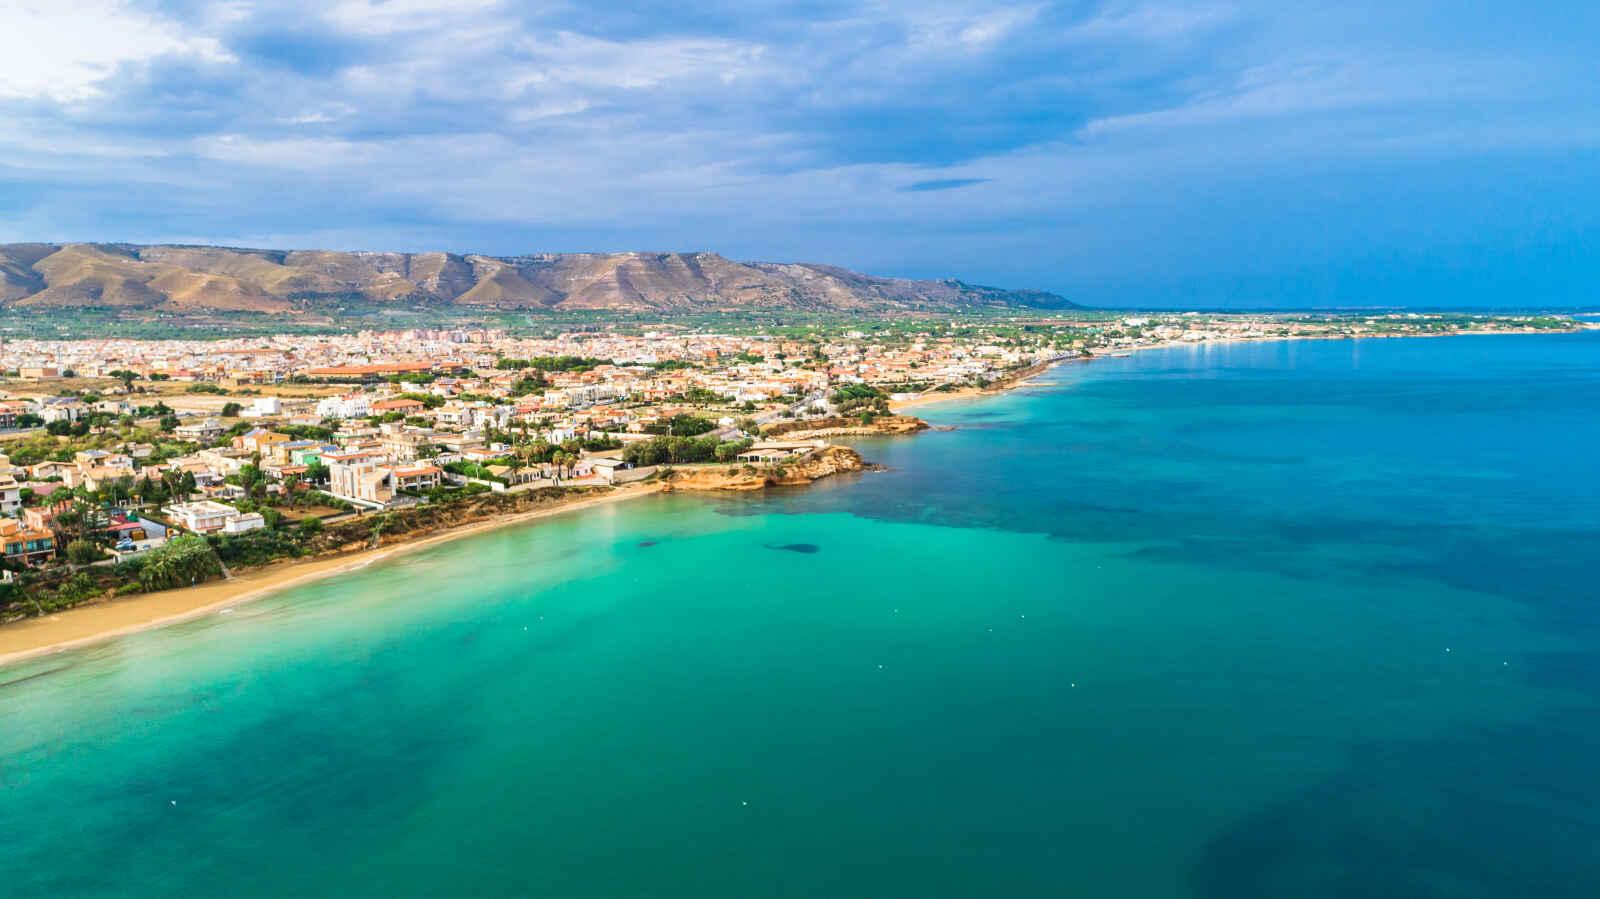 Malte : Malte, Sicile et les îles éoliennes